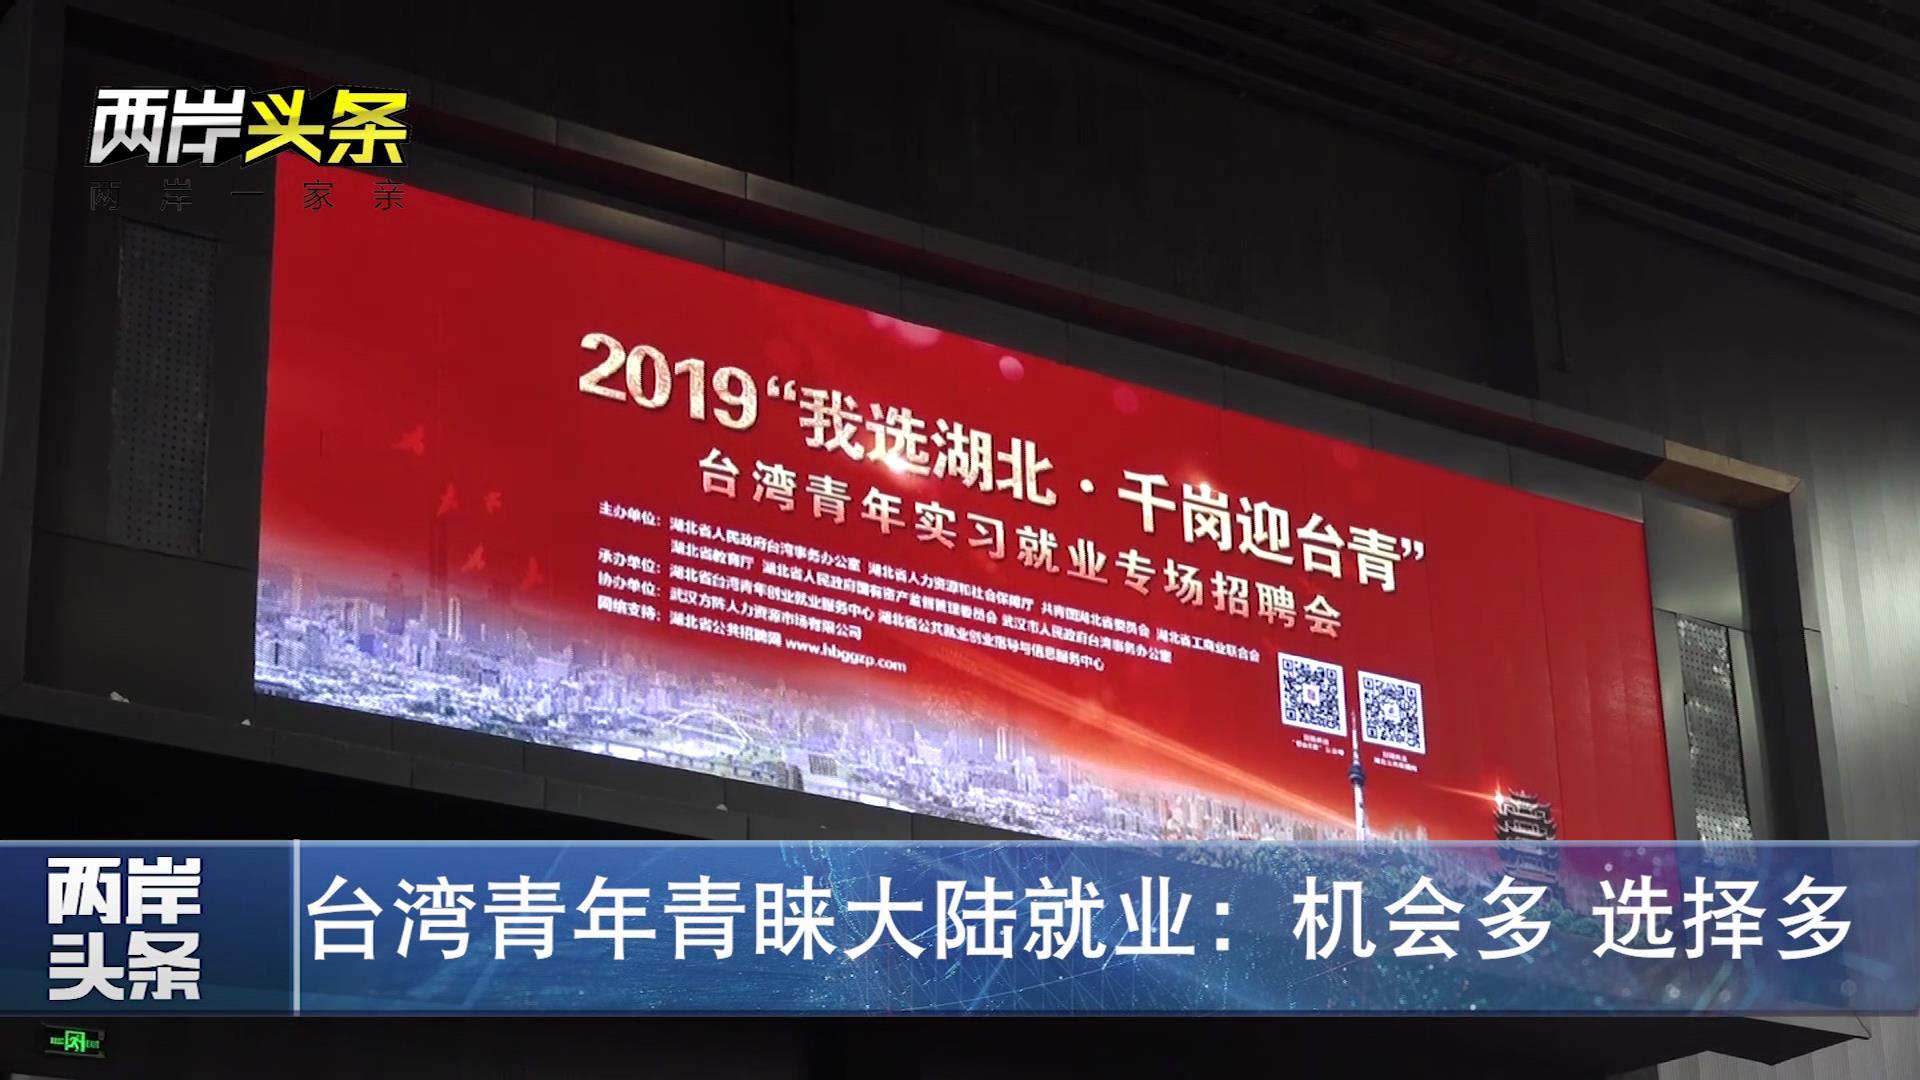 【两岸头条】台湾青年青睐大陆就业:机会多 选择多图片